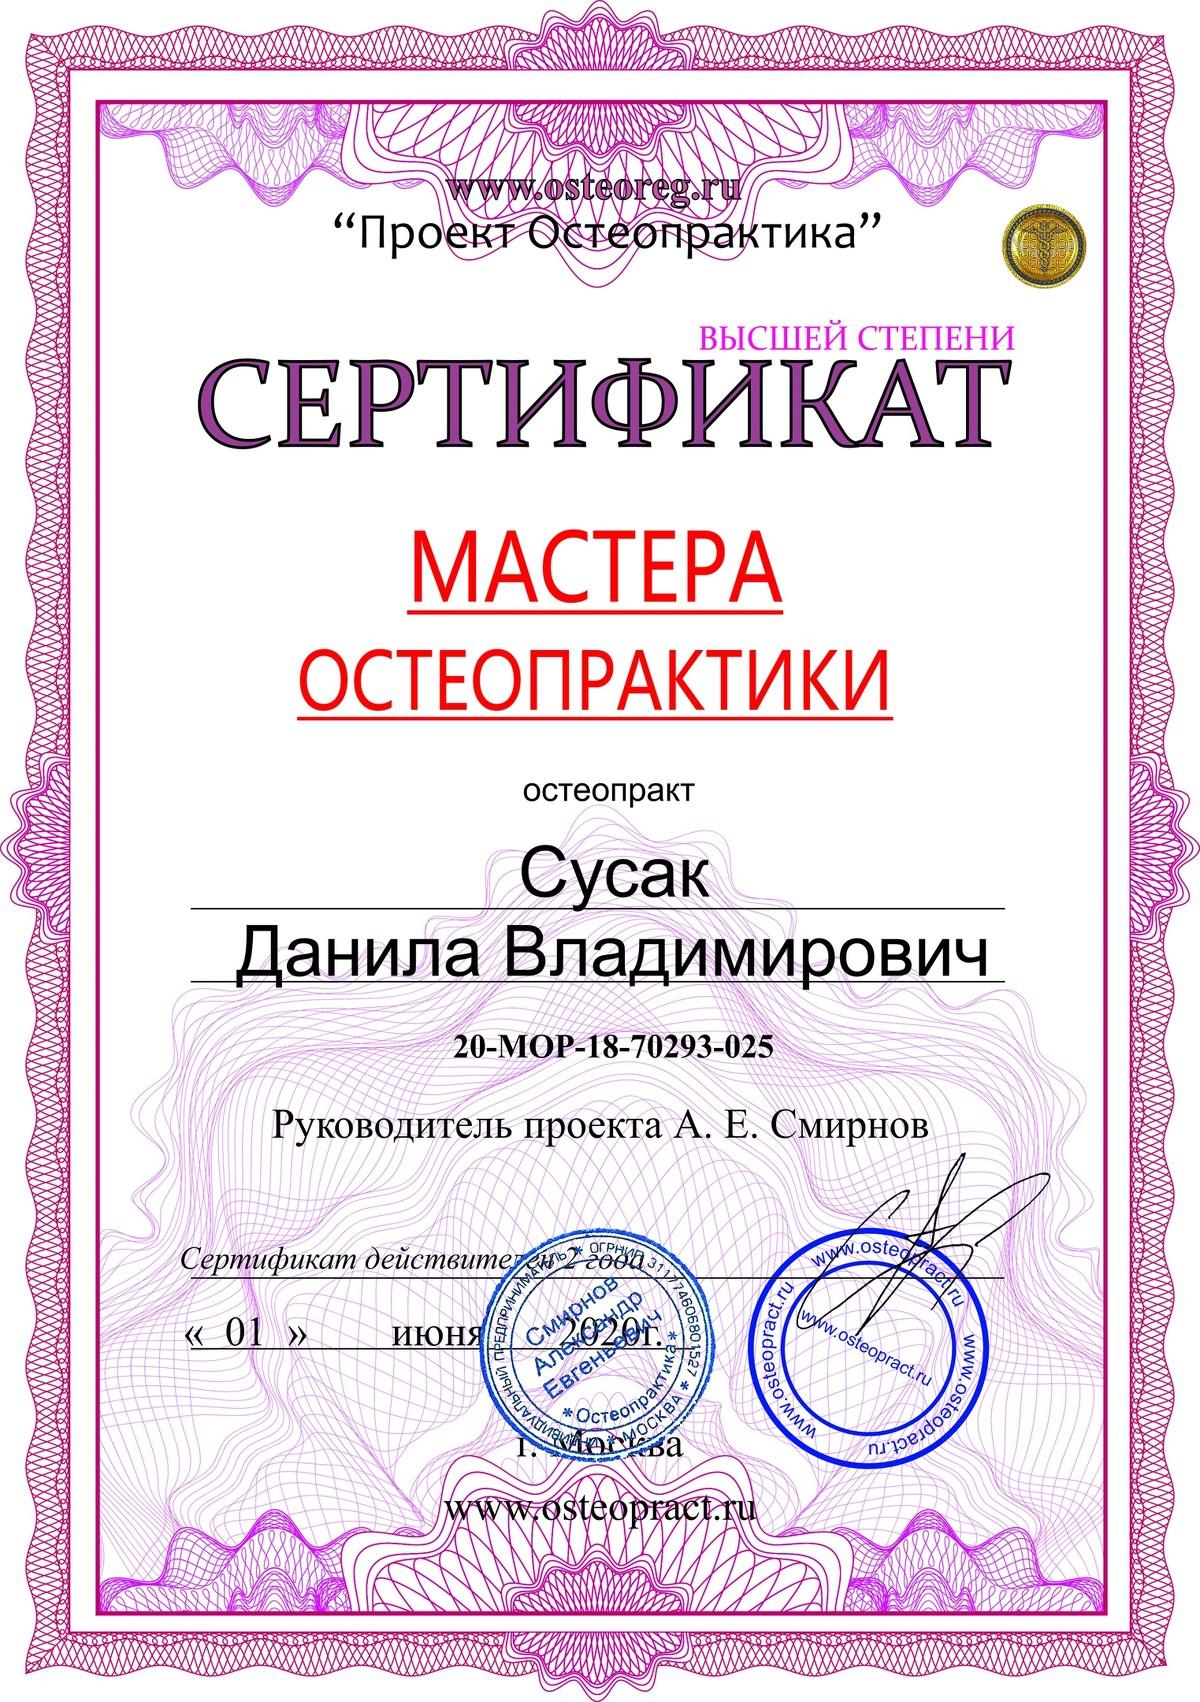 Данила Сусак мастер остеопрактики